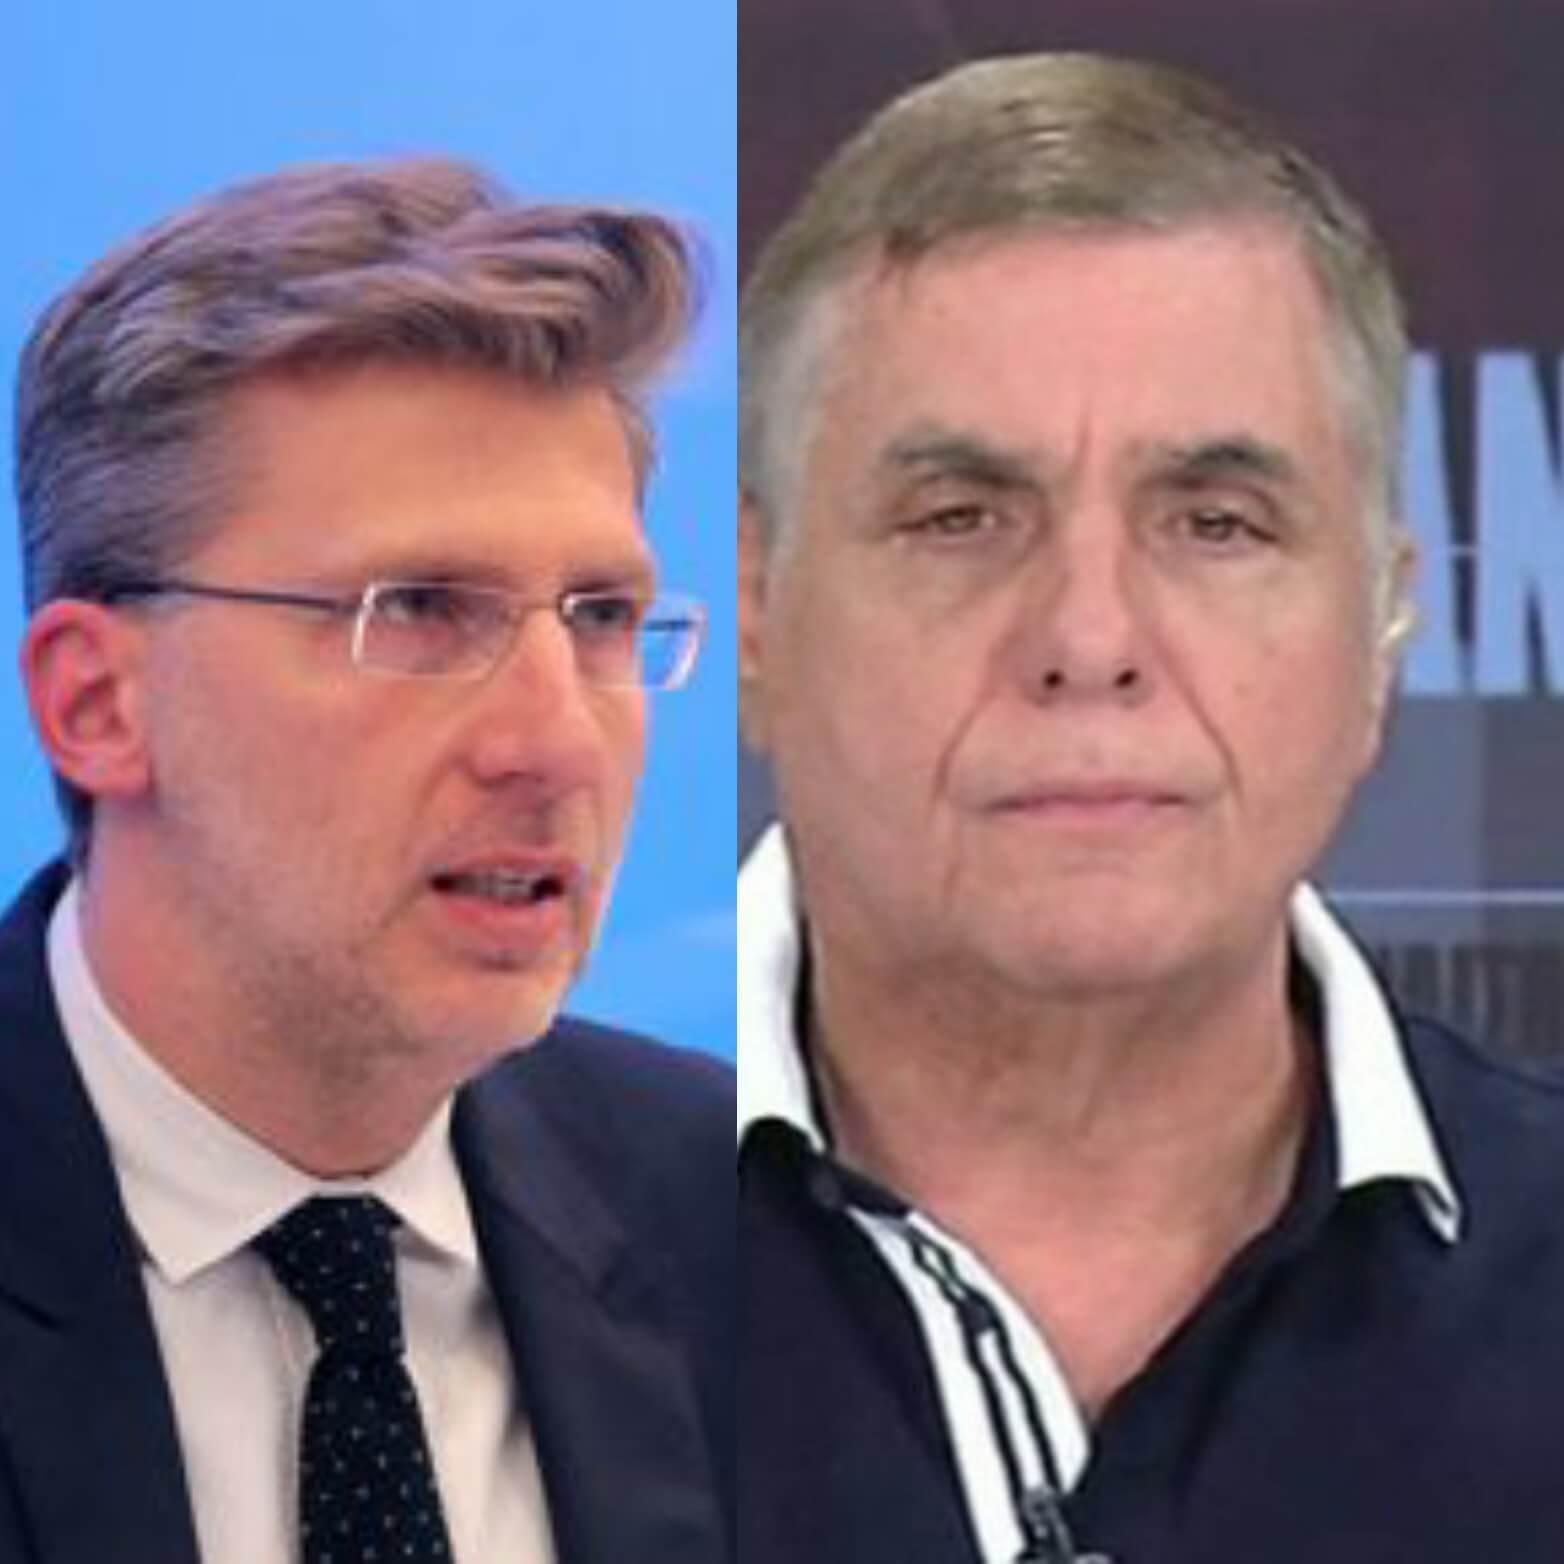 Άκης Σκέρτσος: Υπέβαλε μήνυση κατά του Γιώργου Τράγκα για συκοφαντική δυσφήμιση